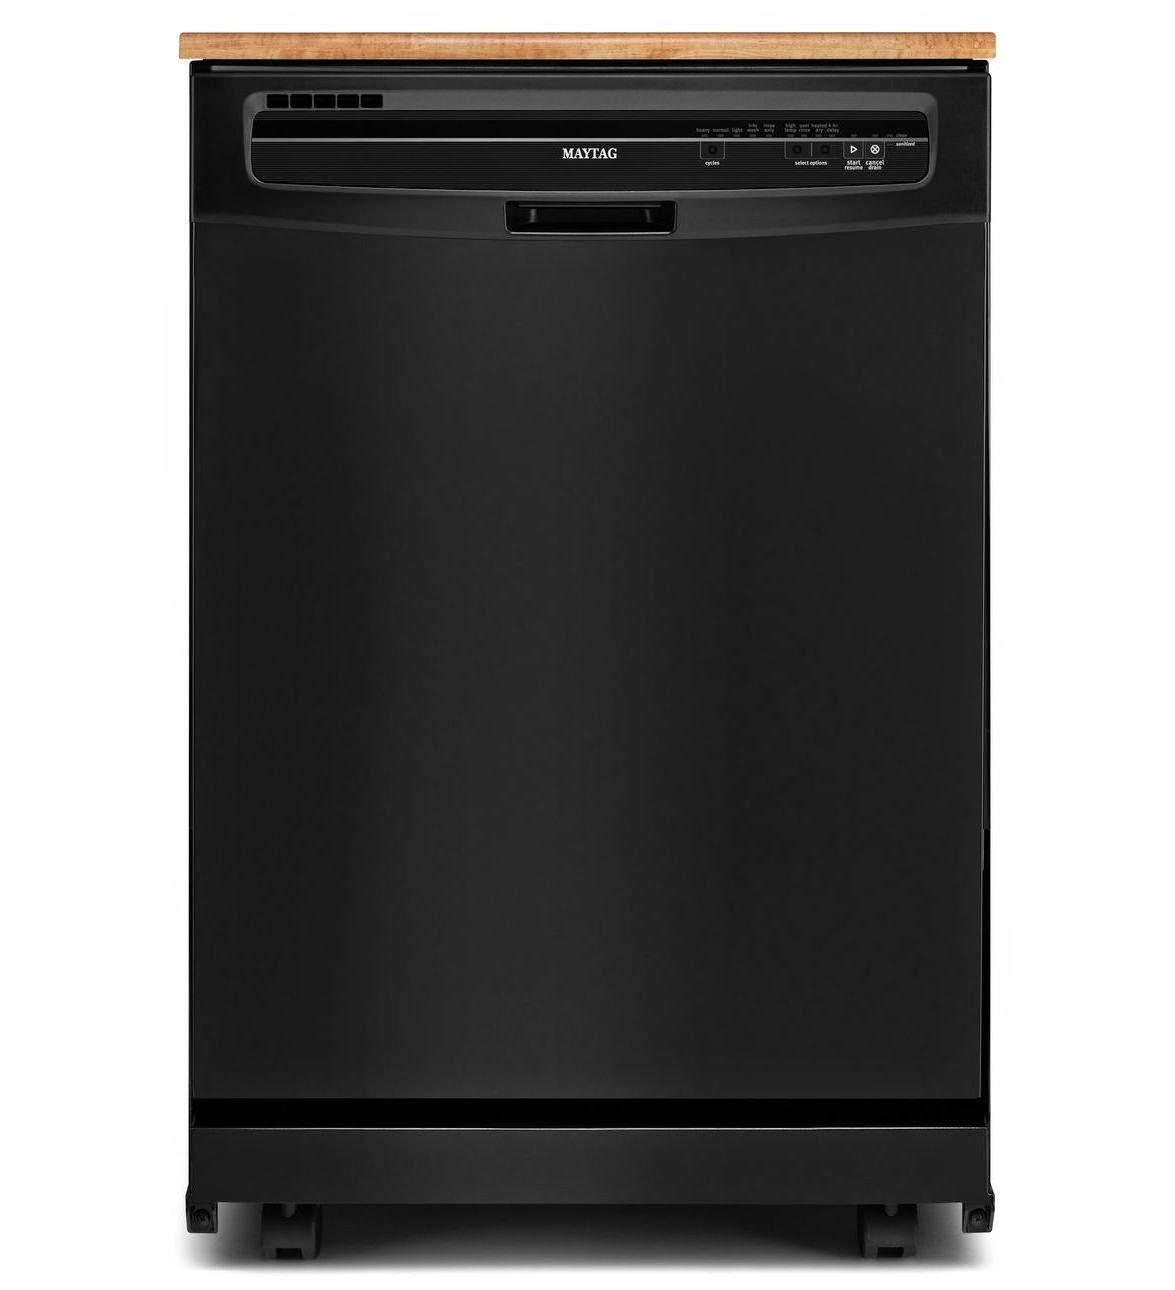 MDC4809PAB Black Reviews